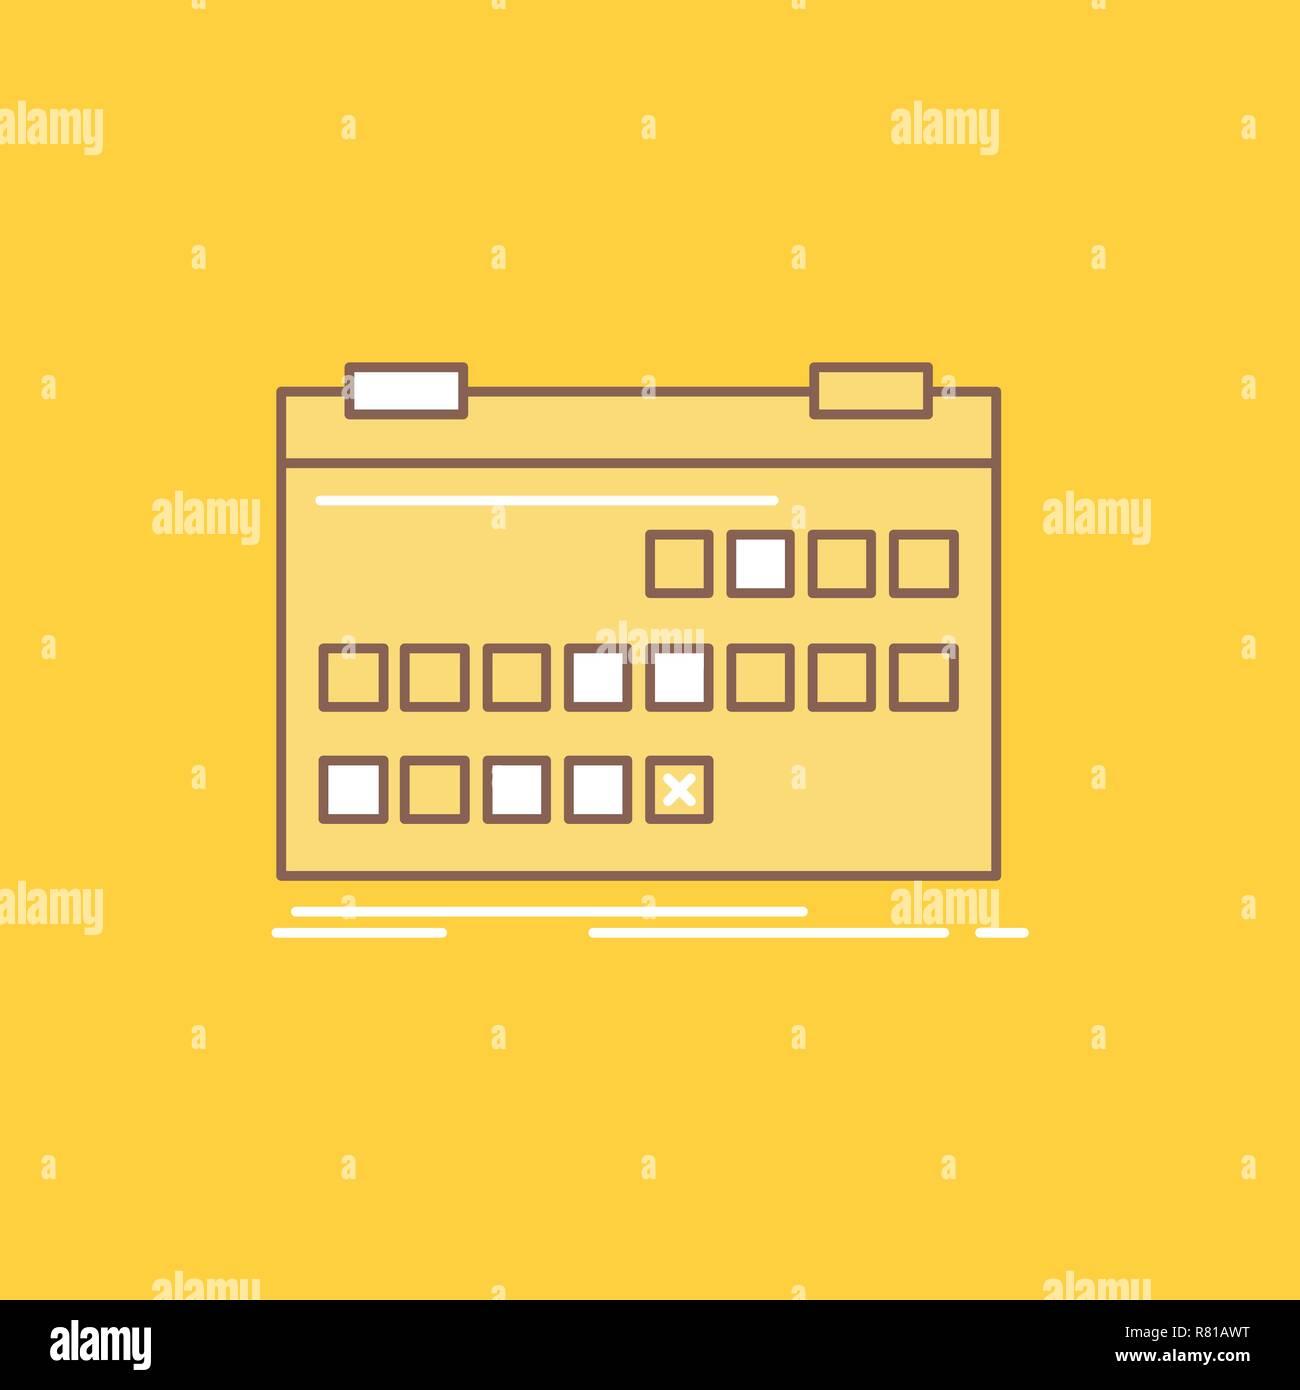 Calendario Per Sito Web.Calendario Data Evento Release Pianificare In Linea Piana